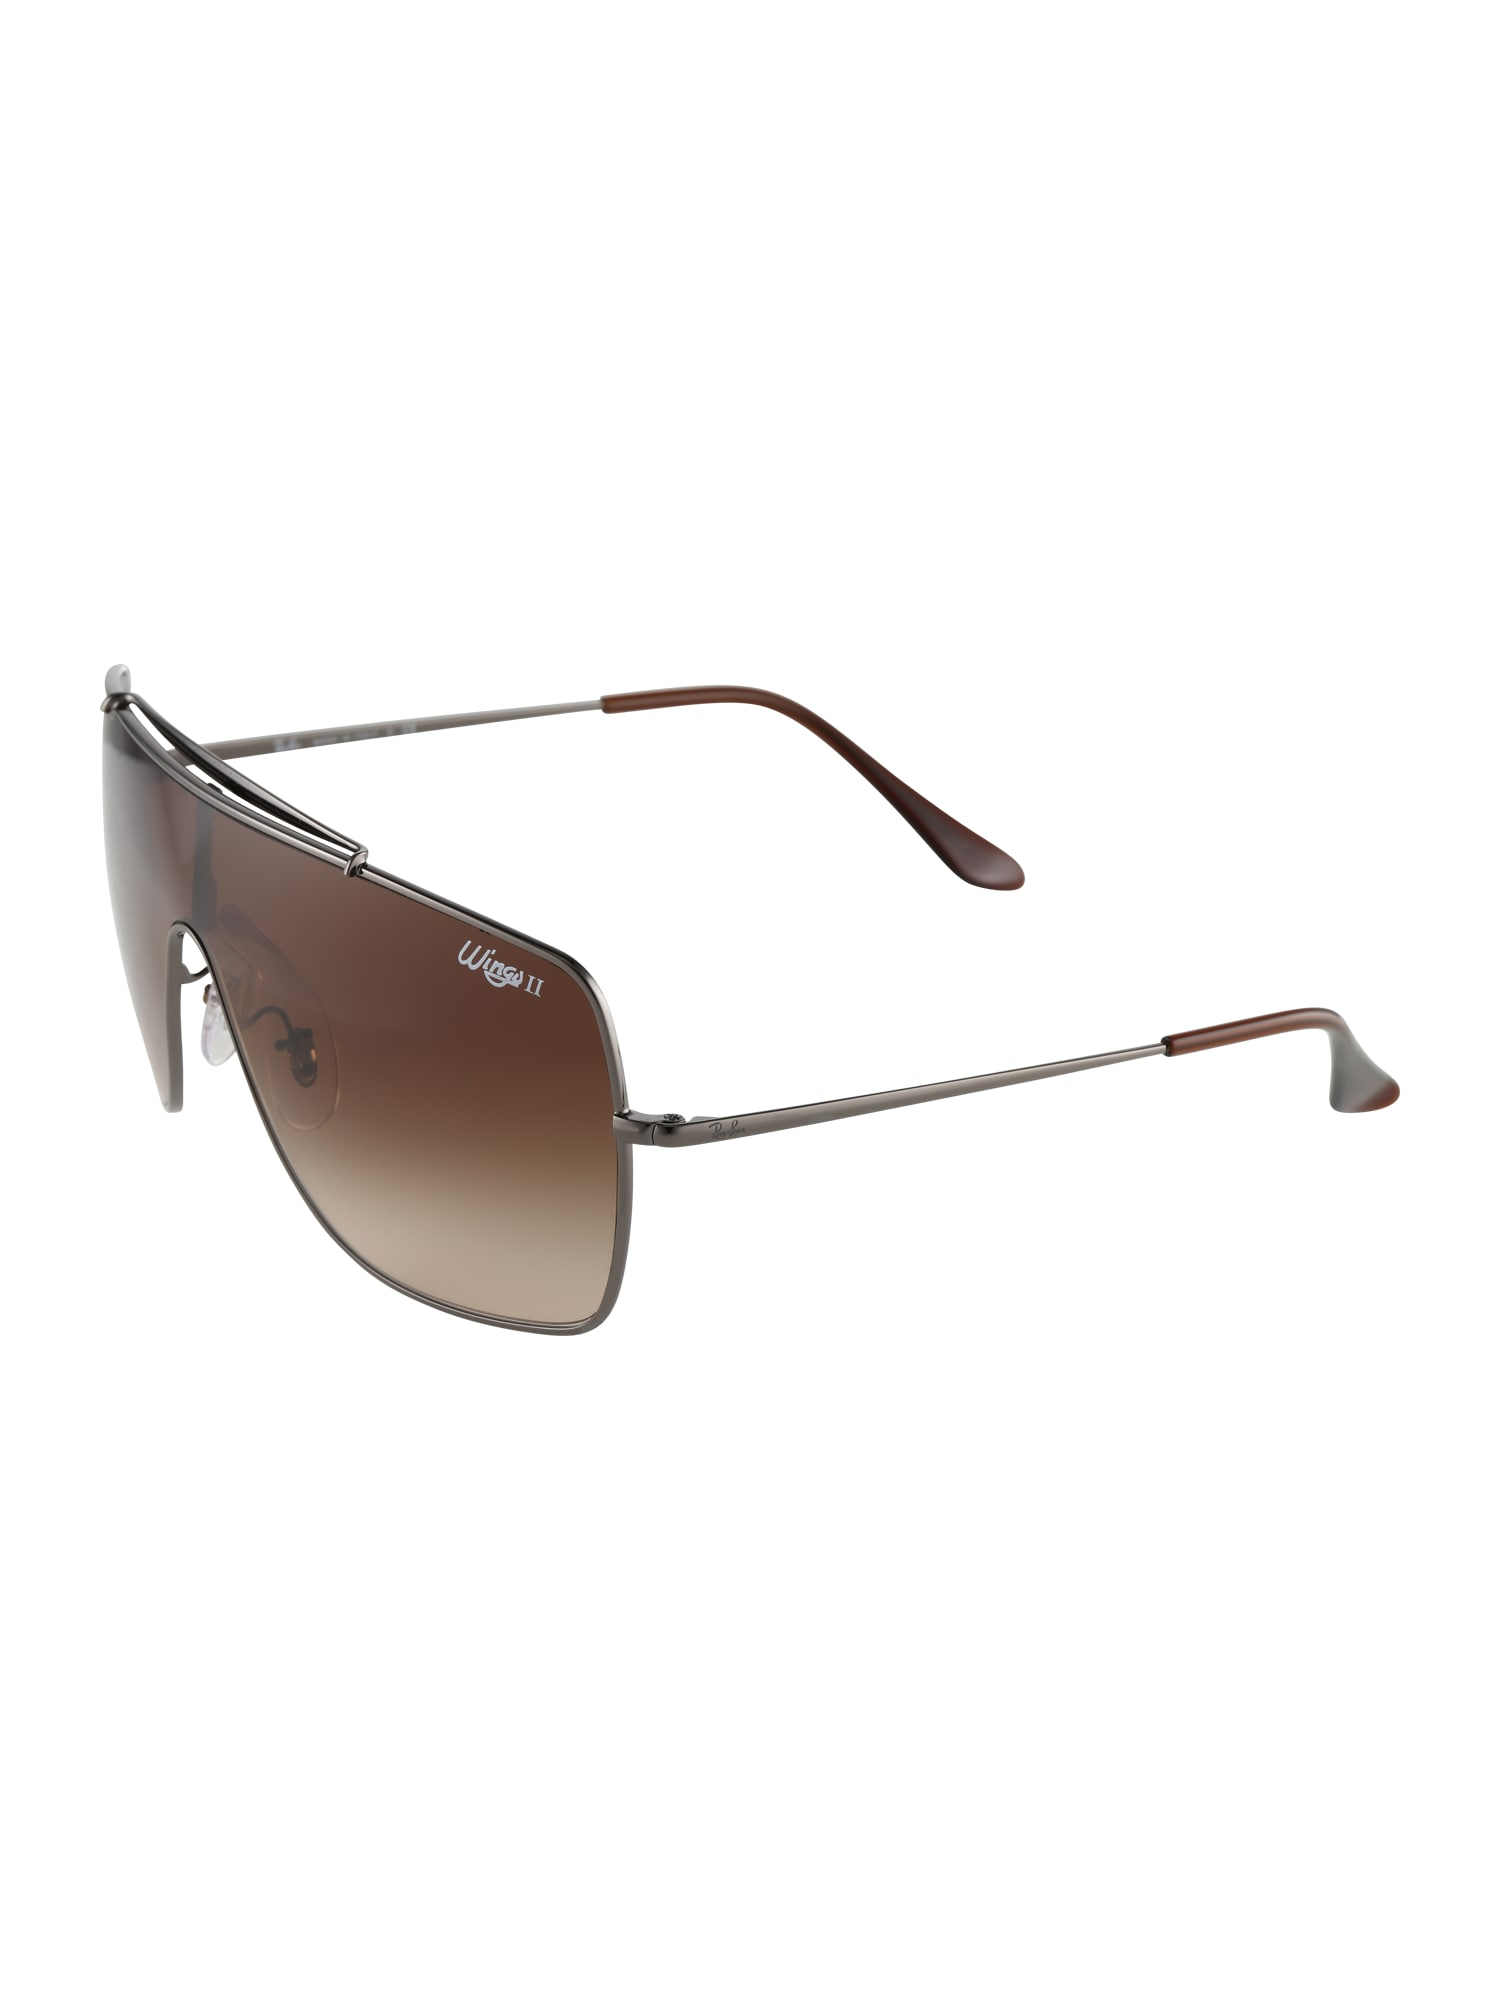 Sluneční brýle WINGS II koňaková Ray-Ban